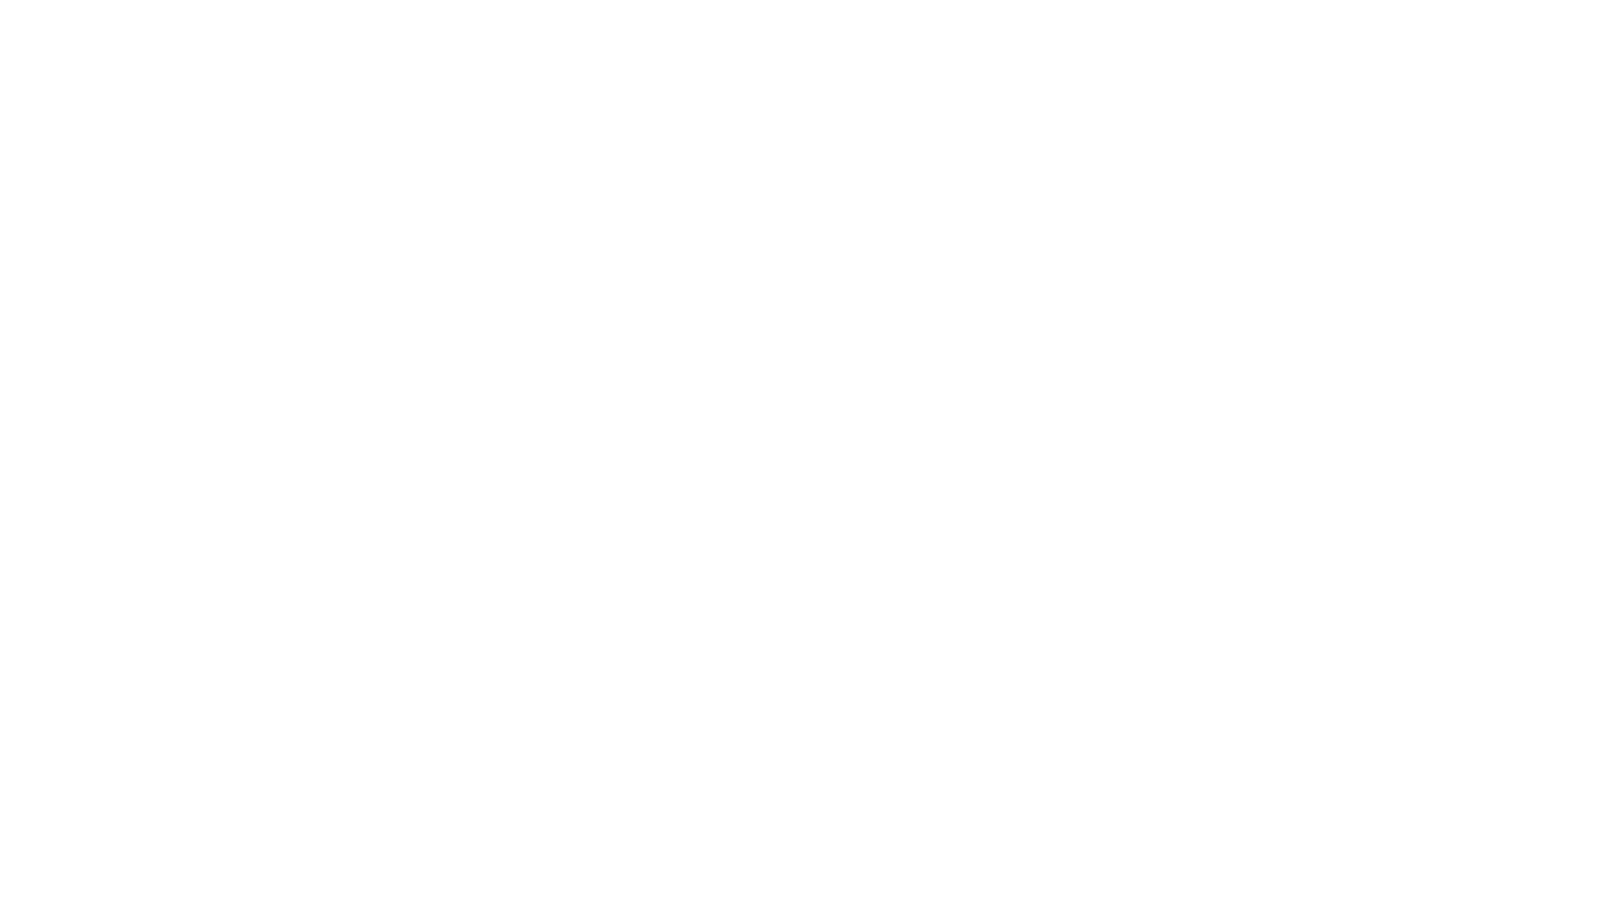 ਸ੍ਰੀ ਹਰਿਕ੍ਰਿਸਨ ਧਿਆਈਐ ਜਿਸ ਡਿੱਠੈ ਸਭਿ ਦੁਖਿ ਜਾਇ ॥ ਗੁਰਦੁਆਰਾ ਸ਼੍ਰੀ ਪੰਜੋਖਰਾ ਸਾਹਿਬ ਪਾ: ੮ਵੀਂ ਉਹ ਪਾਵਨ ਅਸਥਾਨ ਜਿੱਥੇ ਬਾਲਾ ਪ੍ਰੀਤਮ ਸਾਹਿਬ ਸ੍ਰੀ ਗੁਰੂ ਹਰਿਕ੍ਰਿਸ਼ਨ ਸਾਹਿਬ ਜੀ ਕੀਰਤਪੁਰ ਸਾਹਿਬ ਤੋਂ ਦਿੱਲੀ ਜਾਂਦੇ 2 ਦਿਨ ਇਸ ਅਸਥਾਨ ਨੂੰ ਭਾਗ ਲਗਾਏ ਅਤੇ ਲਾਲ ਚੰਦ ਨਾਮ ਦੇ ਹੰਕਾਰੀ ਪੰਡਿਤ ਦਾ ਹੰਕਾਰ ਤੋੜਿਆ ਅਤੇ ਗੂੰਗੇ ਬੋਲੇ ਛੱਜੂ ਝੀਵਰ ਤੋਂ ਗੀਤਾ ਦੇ ਅਰਥ ਕਰਵਾ ਕੇ ਪੰਡਿਤ ਨੂੰ ਕਿਰਤਾਰਥ ਕੀਤਾ ਅਤੇ ਉਸ ਨੂੰ ਆਪਣਾ ਸਿੱਖ ਬਣਾਇਆ। ਇਸ ਅਸਥਾਨ ਤੇ ਹੀ ਕਾਬੁਲ ਦੀ ਸੰਗਤ ਨੂੰ ਦਰਸ਼ਨ ਦਿੱਤੇ ਅਤੇ ਆਪਣੇ ਹੱਥੀਂ ਨਿਸ਼ਾਨ ਸਾਹਿਬ ਲਗਾਕੇ ਸੰਗਤ ਨੂੰ ਰੁੱਕਣ ਦਾ ਹੁਕਮ ਦਿੱਤਾ। ਅੱਜ ਵੀ ਸ਼ਰਧਾ ਭਾਵਨਾ ਨਾਲ ਅਰਦਾਸ ਅਤੇ ਇਸ਼ਨਾਨ ਕਰਨ ਨਾਲ ਬੇਅੰਤ ਰੋਗੀਆਂ ਦੇ ਰੋਗ ਦੂਰ ਹੁੰਦੇ ਹਨ ਅਤੇ ਗੂੰਗੇ ਬੋਲੇ ਠੀਕ ਹੁੰਦੇ ਹਨ। Description ਕ੍ਰਿਪਾ ਚੈਨਲ ਨੂੰ Subscribe ਕਰੋ ਤੇ Bell Icon ਤੇ ਜ਼ਰੂਰ ਕਲਿੱਕ ਕਰ ਦਵੋ ਤਾਂ ਜੋ ਤੁਹਾਨੂੰ ਸਾਡੀ ਹਰ ਵੀਡੀਓ ਦੀ ਨੋਟੀਫਿਕੇਸ਼ਨ (ਸੂਚਨਾ) ਮਿਲ ਸਕੇ Akaal Sahai Tv ਚੈਨਲ ਤੇ ਰੋਜ਼ਾਨਾ ਗੁਰਬਾਣੀ ਅਤੇ ਸਿੱਖੀ ਦੀਆਂ ਖ਼ਬਰਾਂ ਸੁਣੋ। ਬੇਨਤੀ ਹੈ ਕਿ ਇਸ ਚੈਨਲ ਨੂੰ ਸਬਸਕਰਾਇਬ ਕਰੋਜੀ👉 https://youtube.com/c/AKAALSAHAITVOFFICIAL  L I K E   C O MME N T   S H A R E   S U B C R I B E  Facebook Page: https://www.facebook.com/akaalsahaitv/  Instagram: https://instagram.com/akaalsahaitv  Twitter: https://twitter.com/akaalsahaitv  Email: akaalsahaitv@gmail.com #panjokharasahib #Panjokharasahiblive #Sriharkrishandhiyaiyai #Dailylivekirtan #sriharkrishansahibji #akaalsahaitv